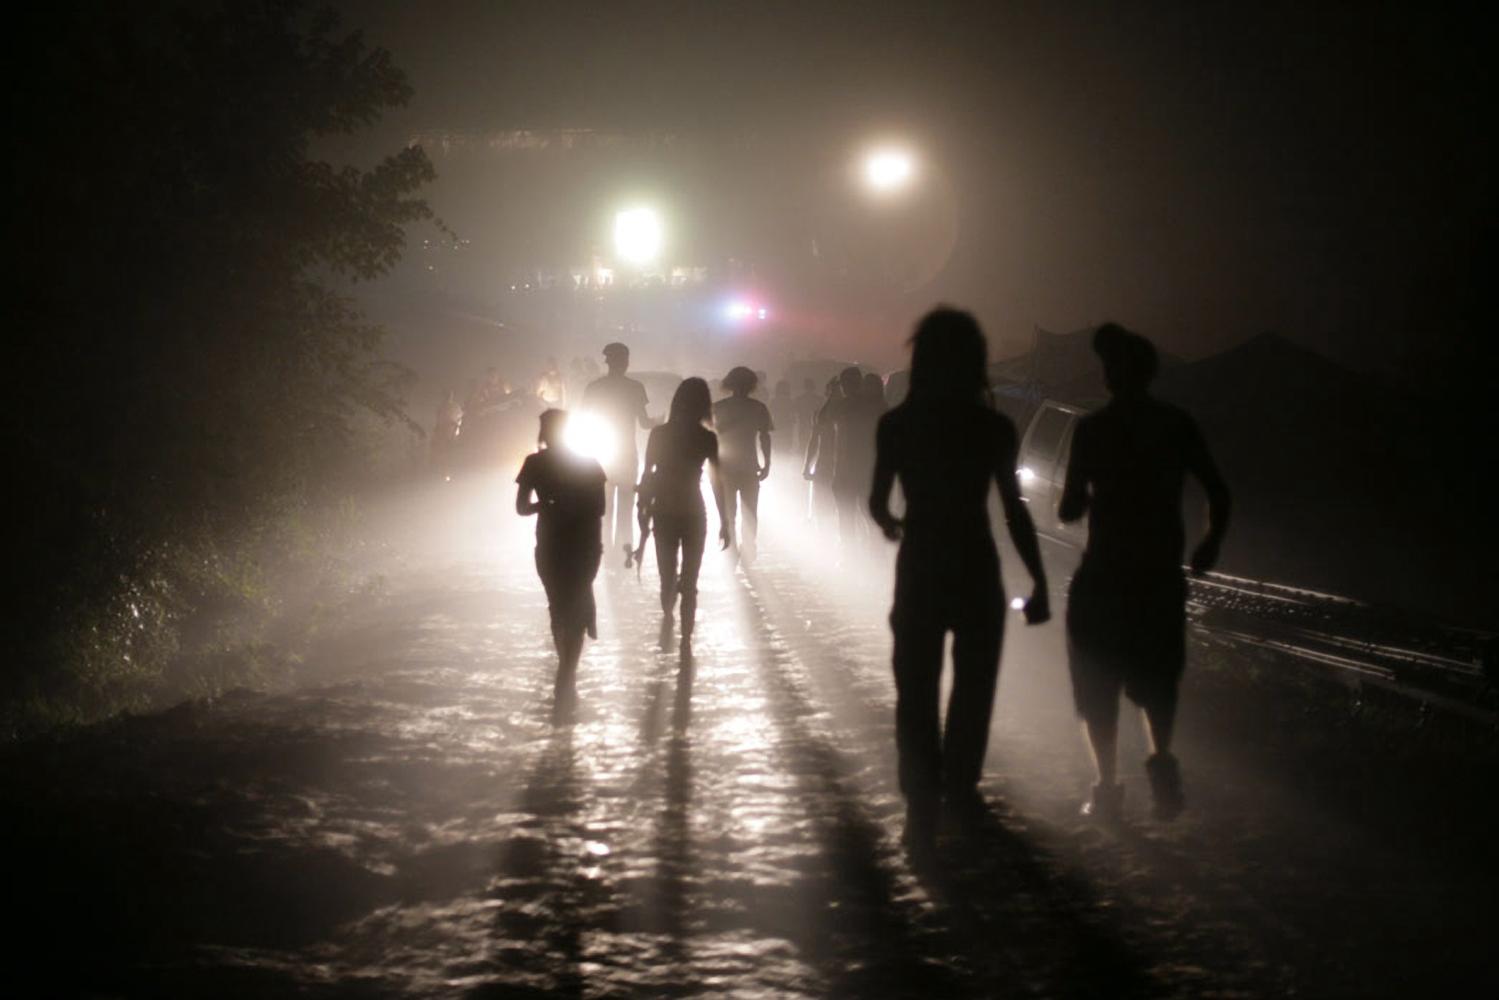 http://www.skatopiathemovie.com/images/fullsize/nightwalkers.jpg